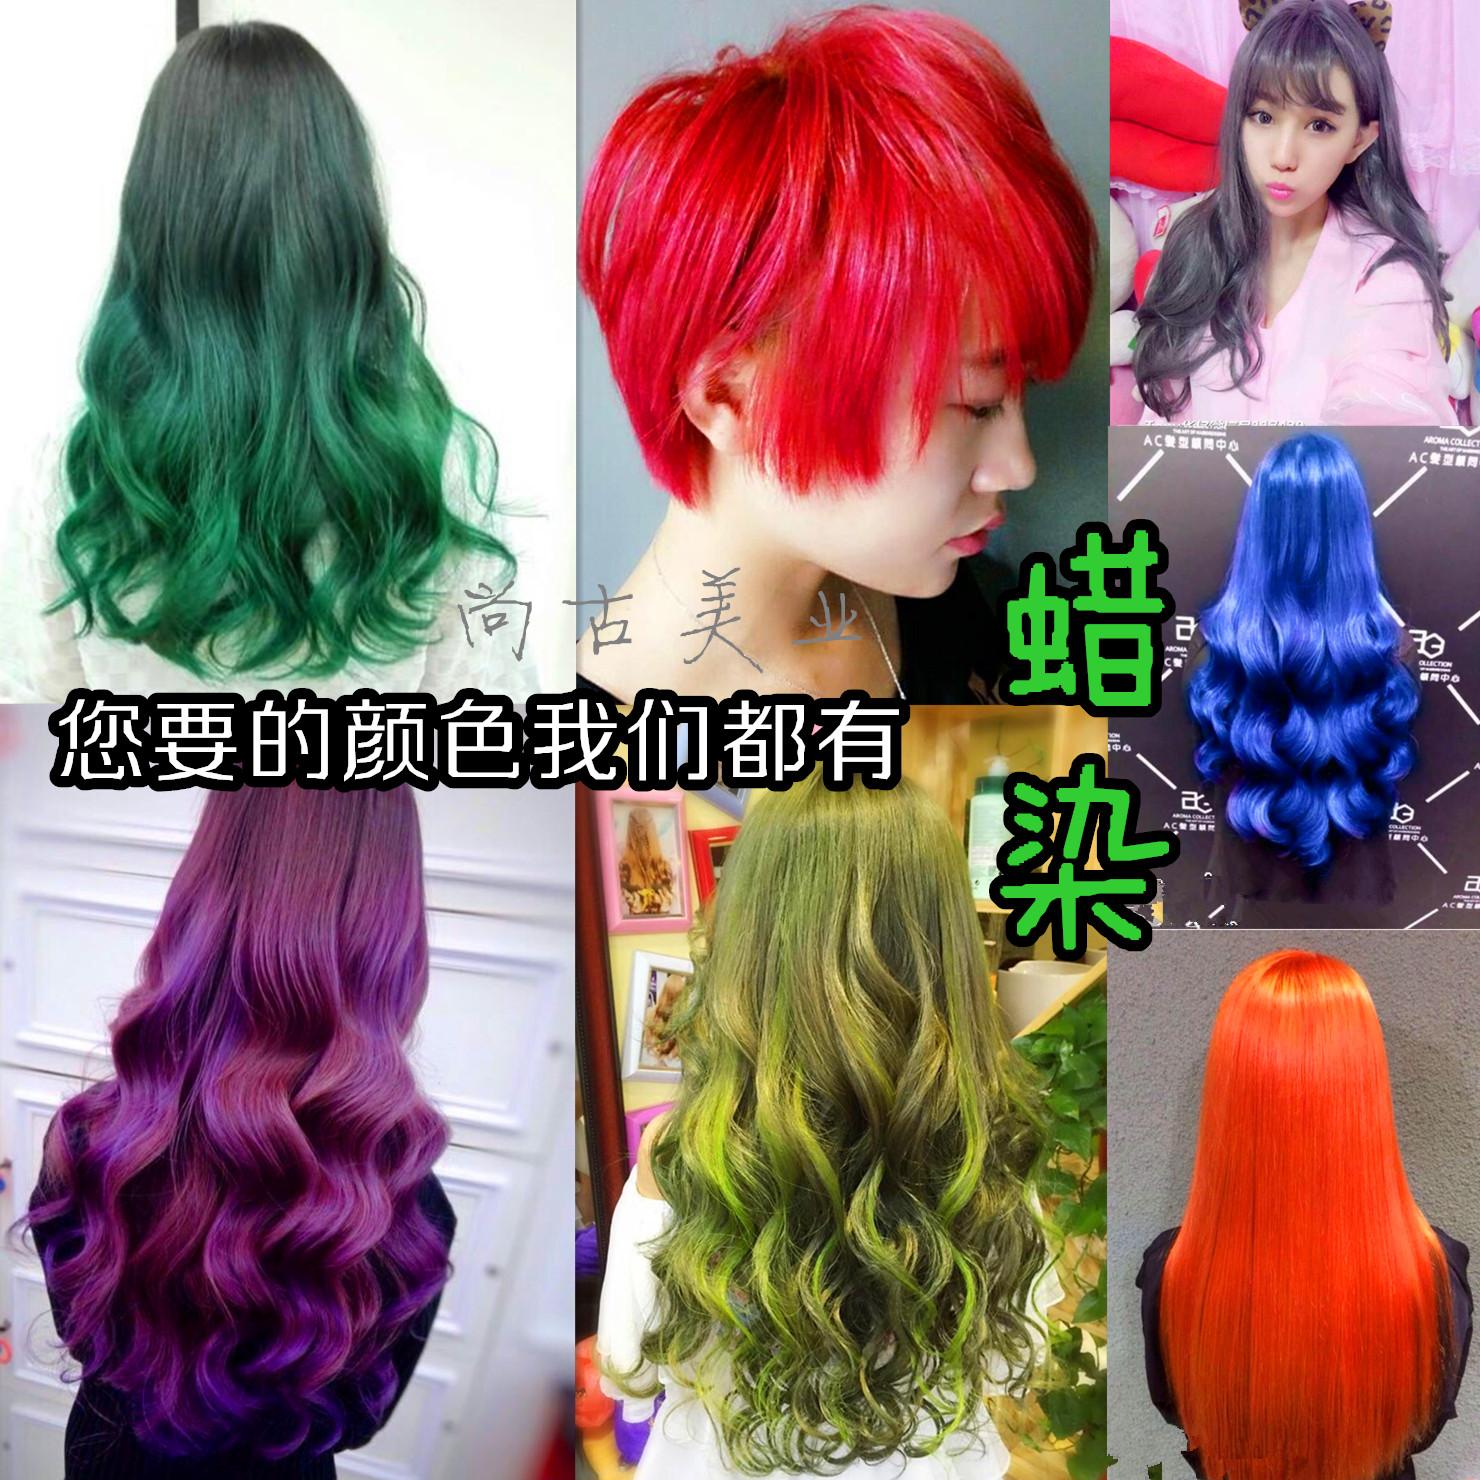 韩国头发指甲油蜡染膏打蜡膏染发剂紫色酒红绿色蓝染发膏指导染发